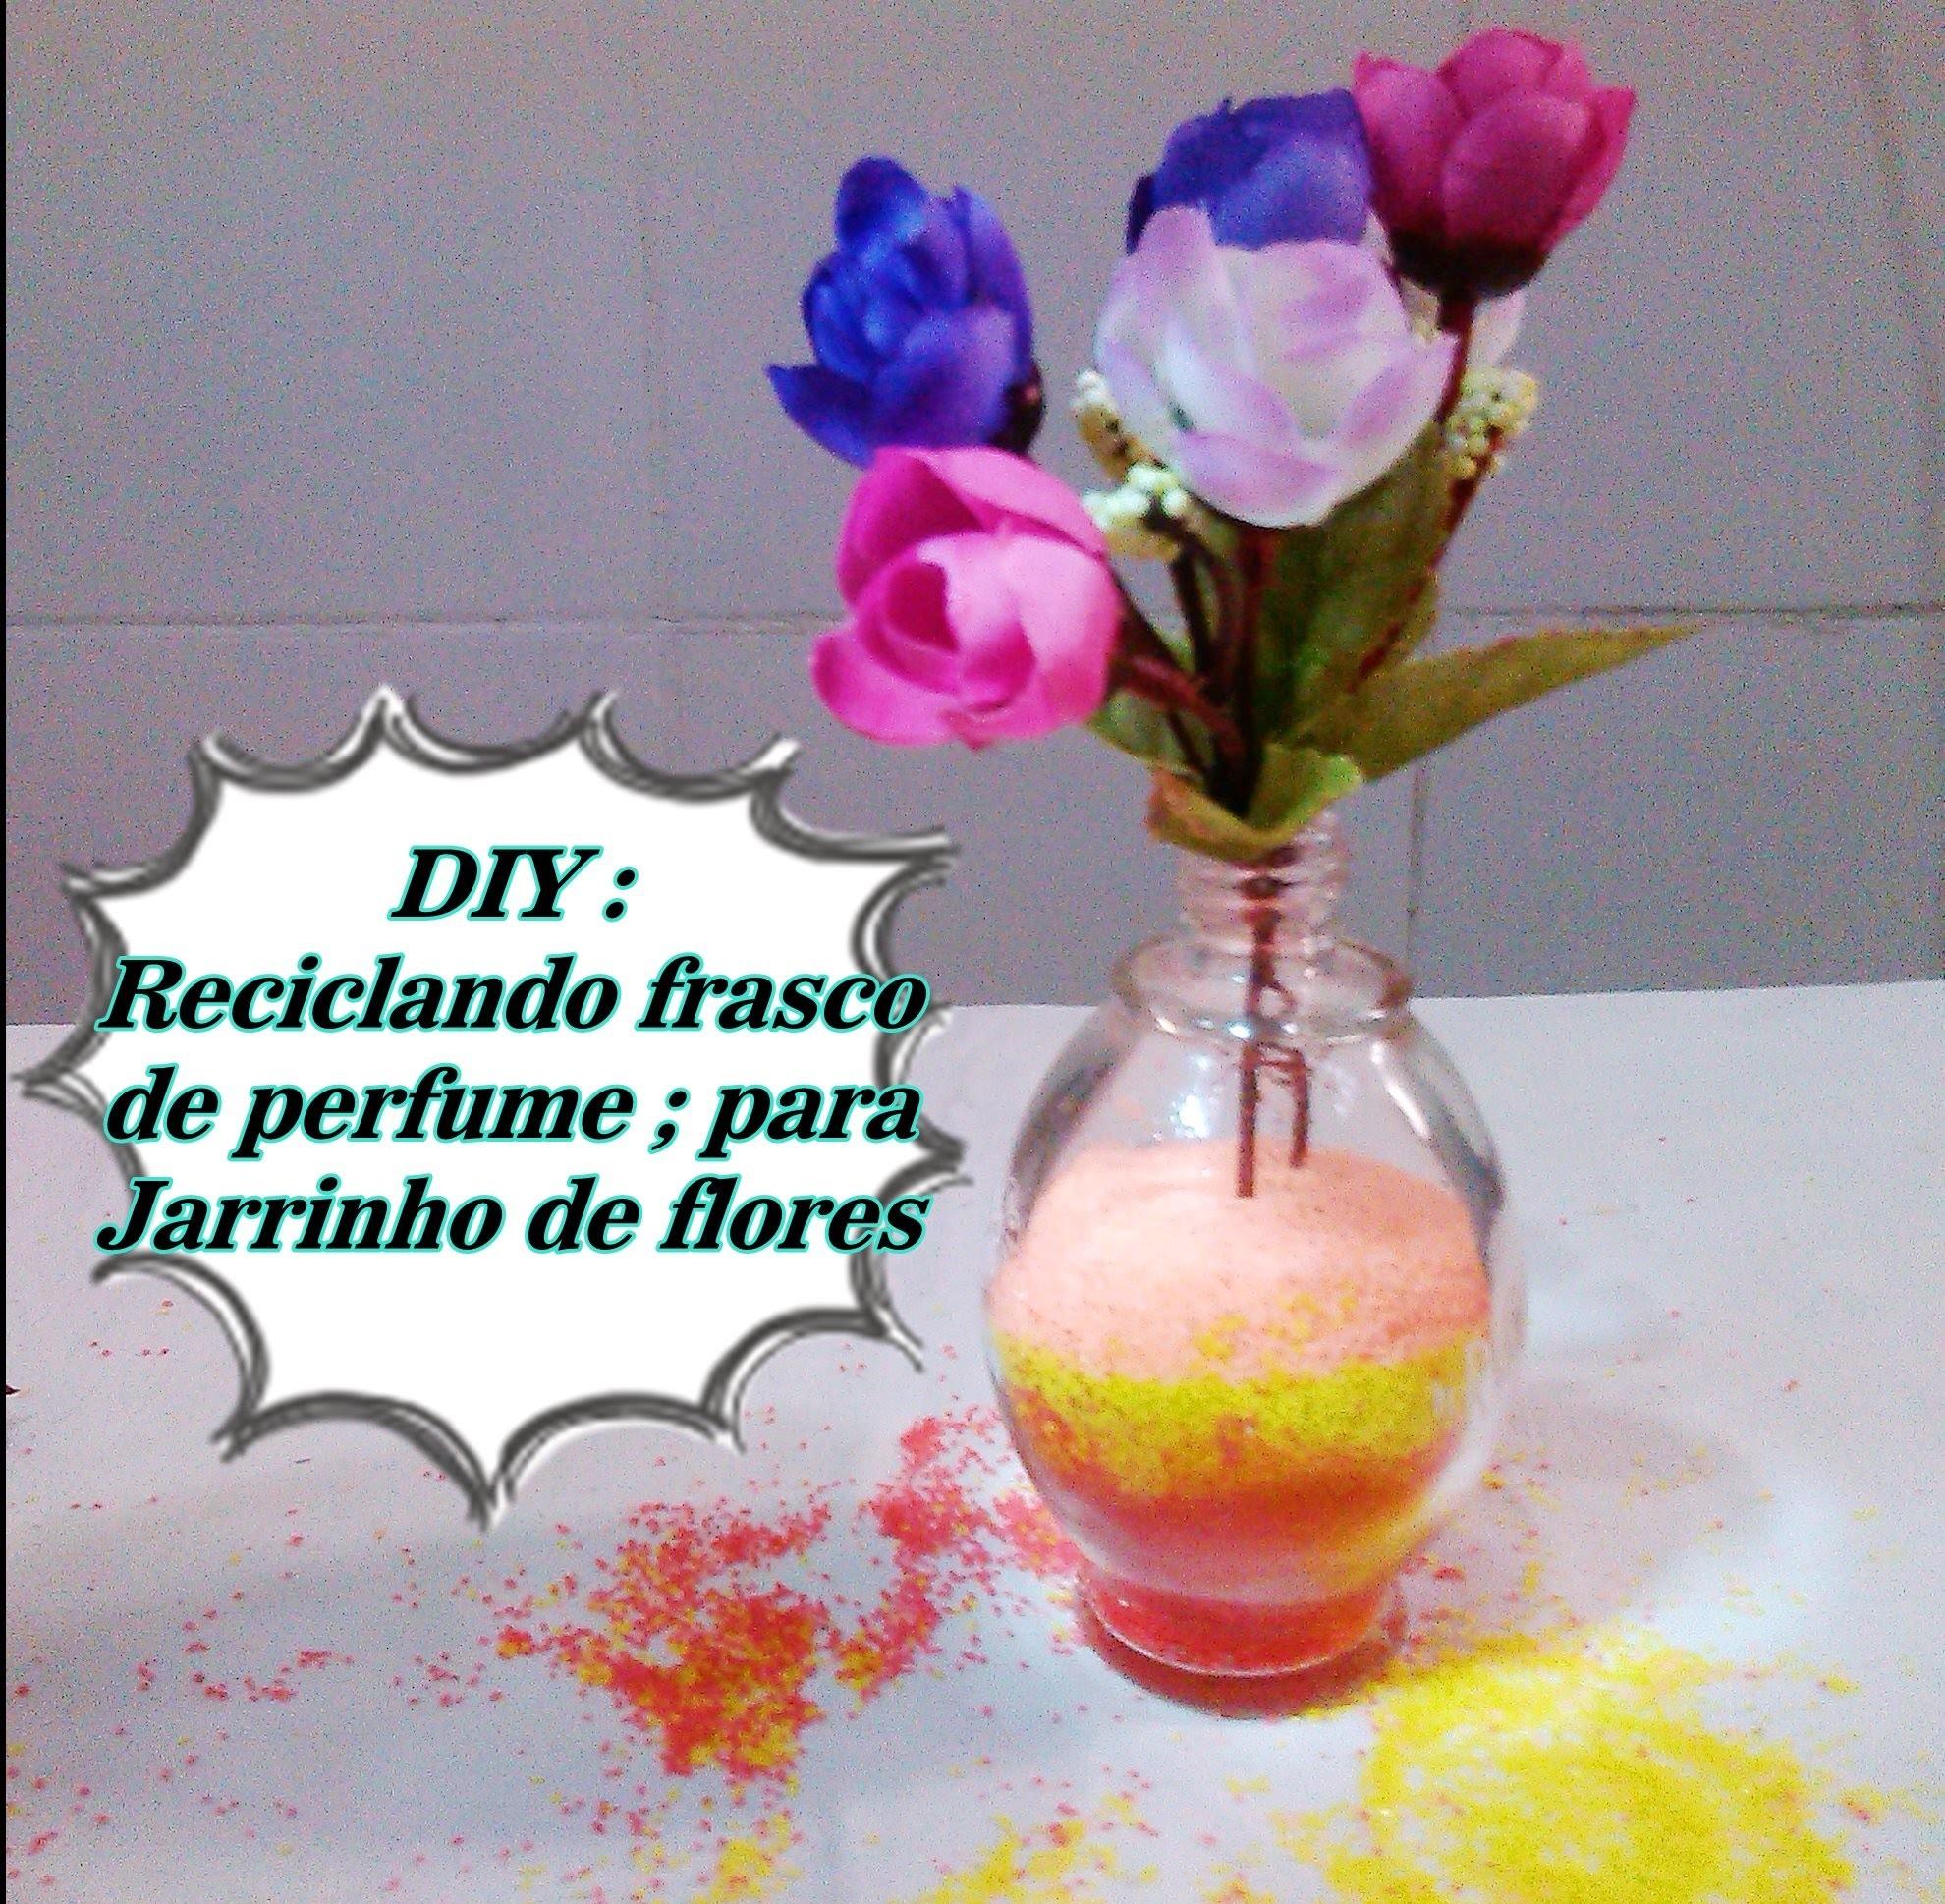 DIY :  Reciclando frasco de perfume para jarrinho de flores